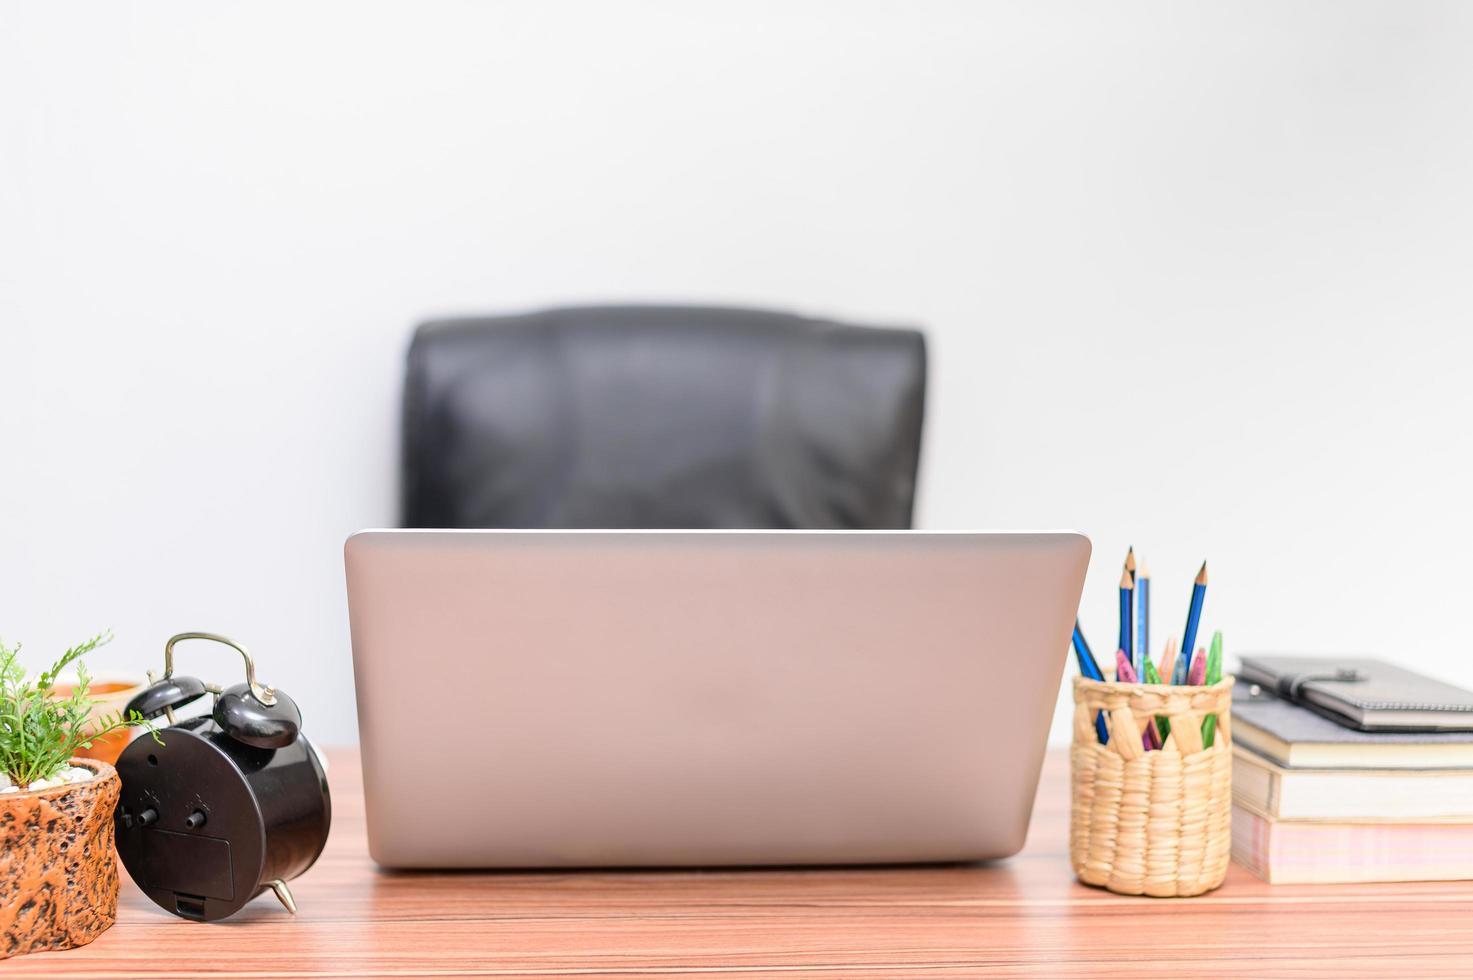 ordinateurs portables sur le bureau photo